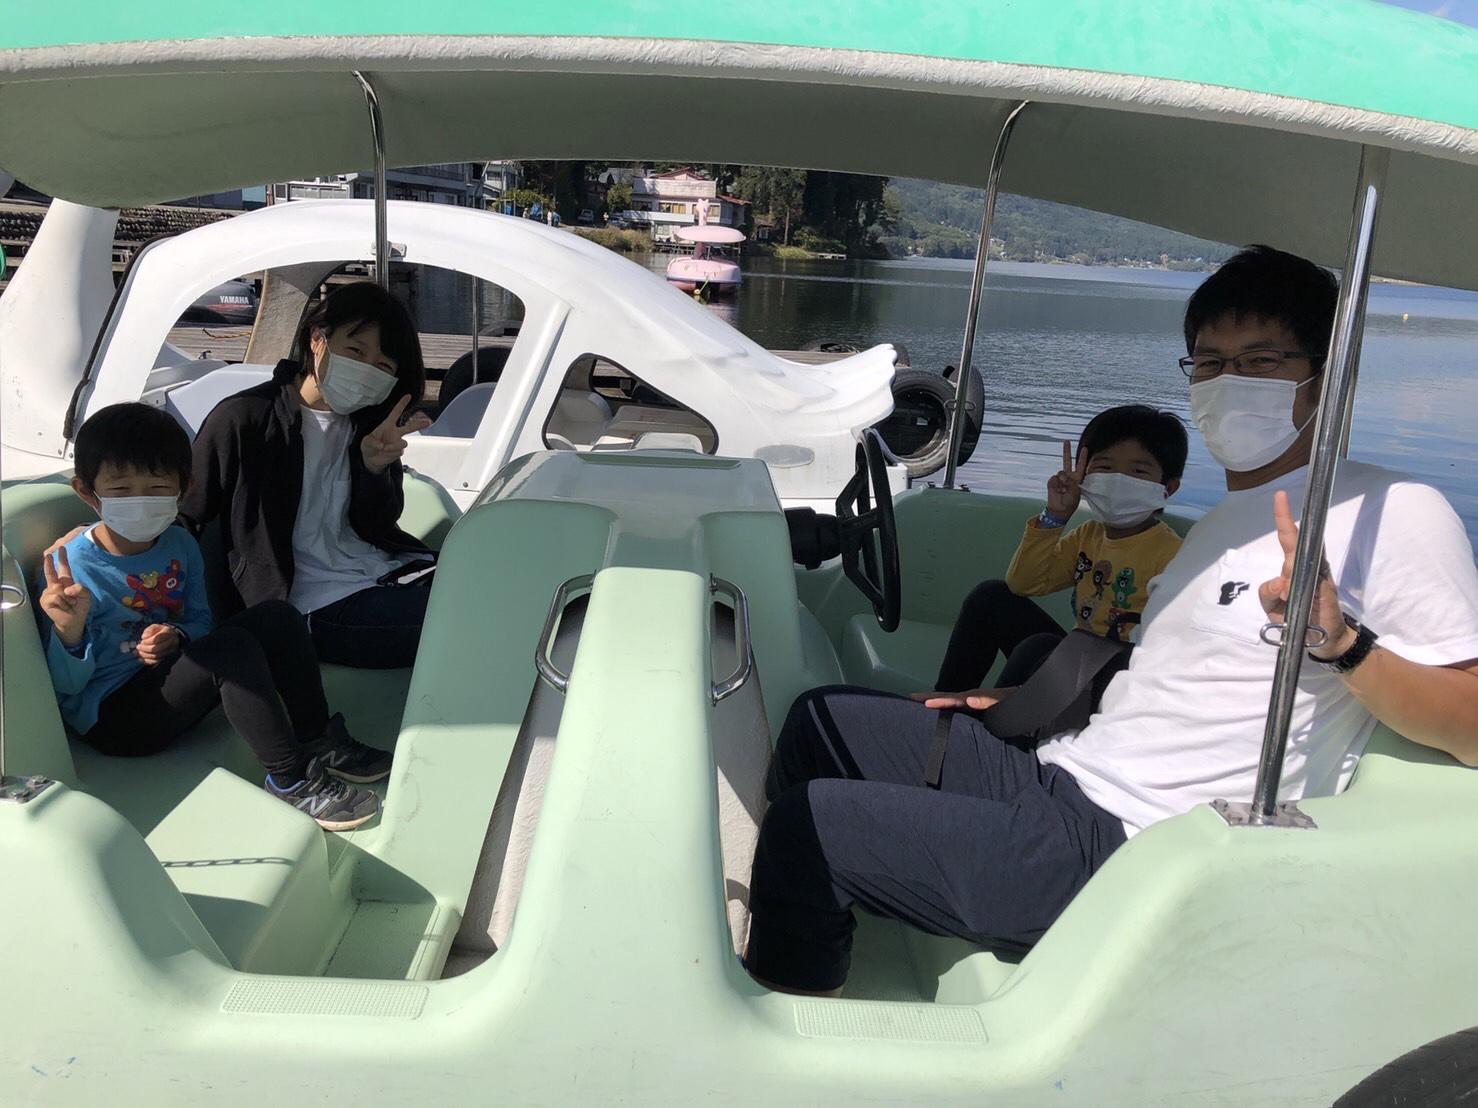 大町市北アルプス国際芸術祭…からの木崎湖のペダルボートをお楽しみいただきました!